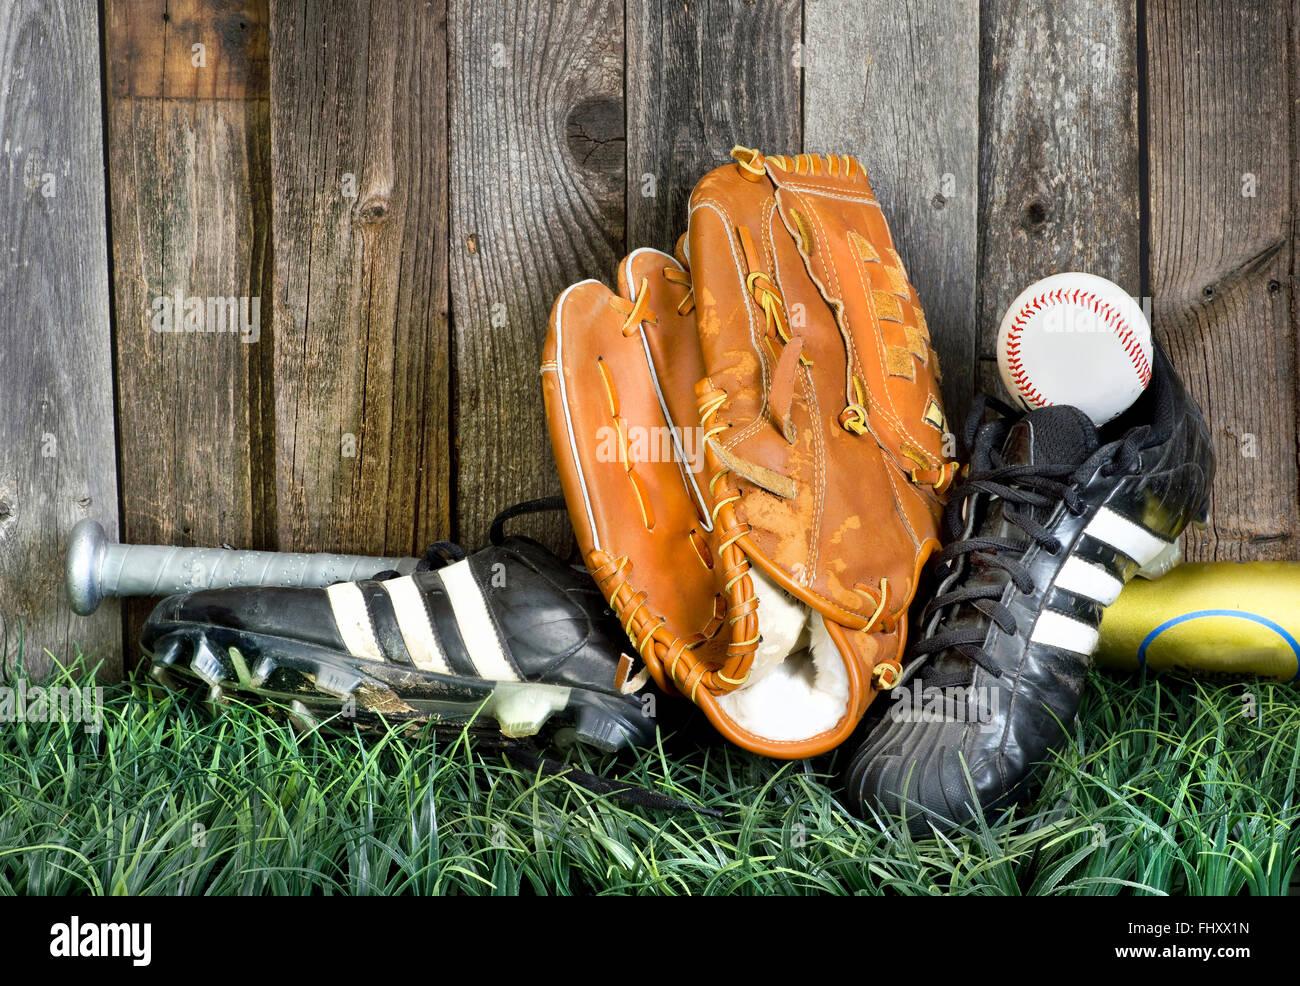 Temps de jouer au baseball américain avec le bon équipement. Photo Stock